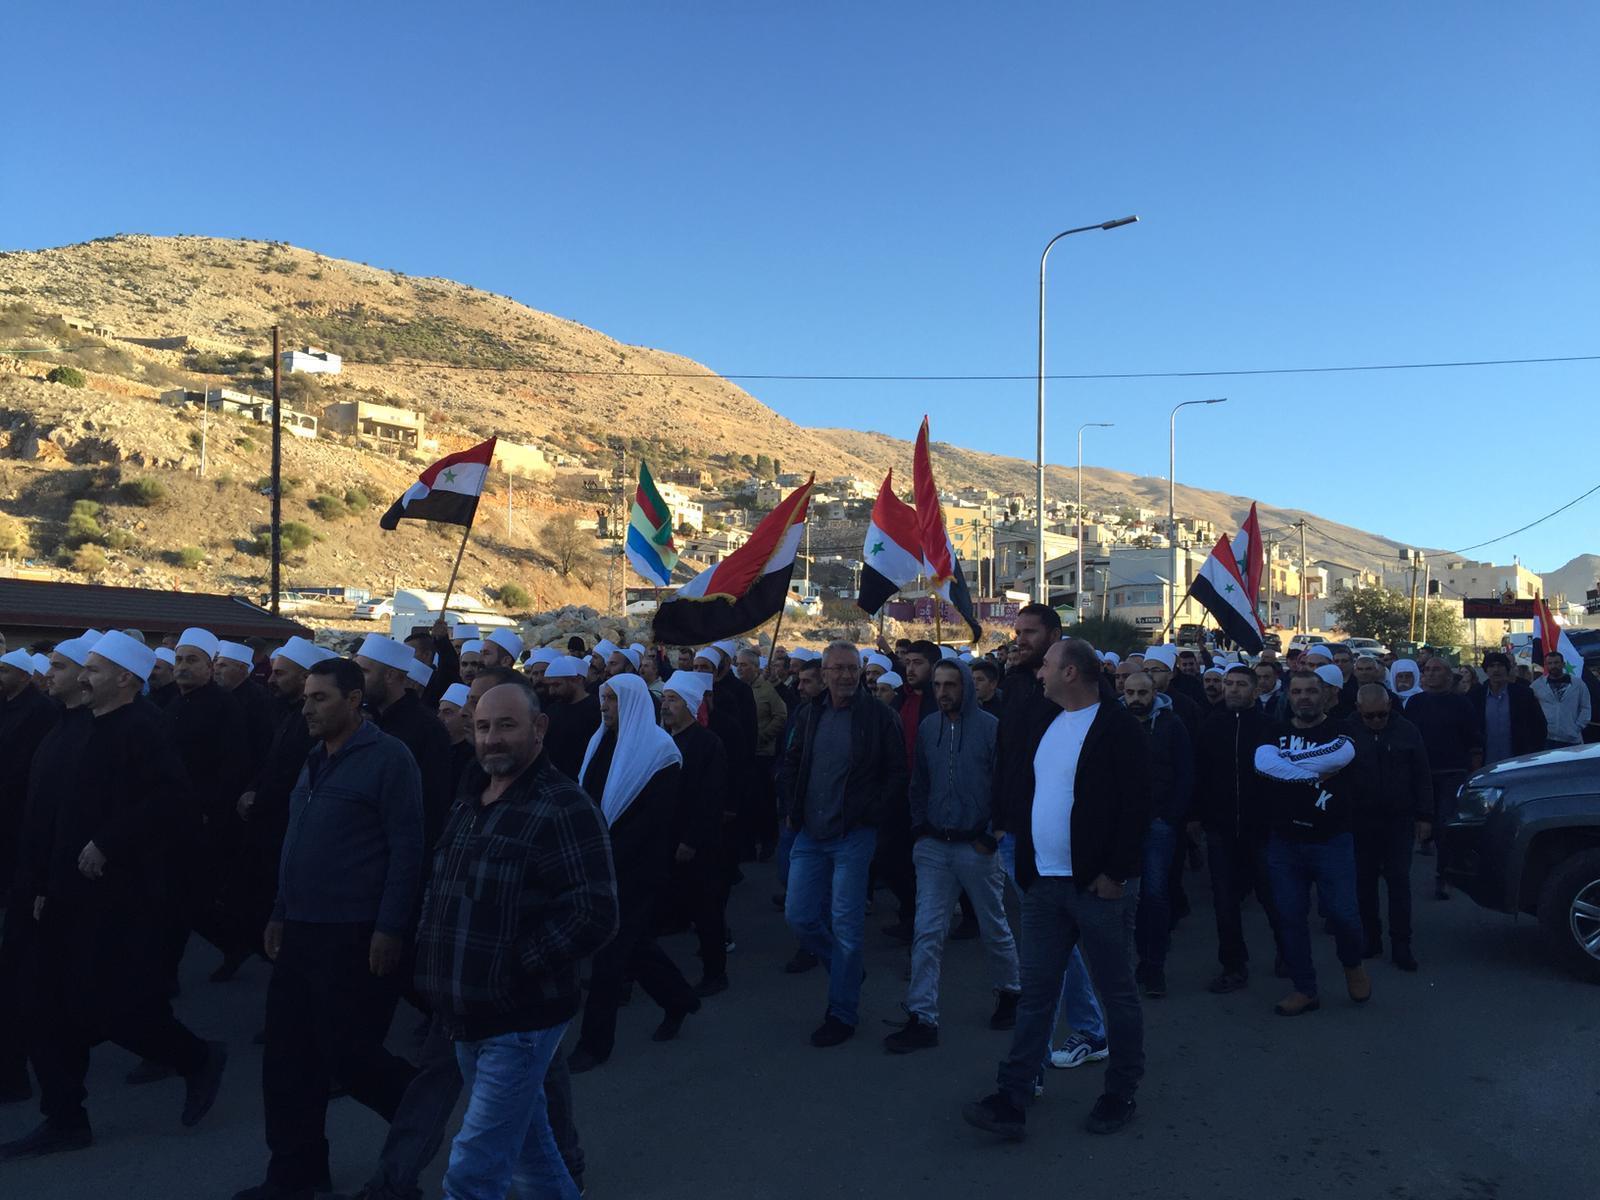 شرطة الاحتلال تقمع المتظاهرين في مجدل شمس